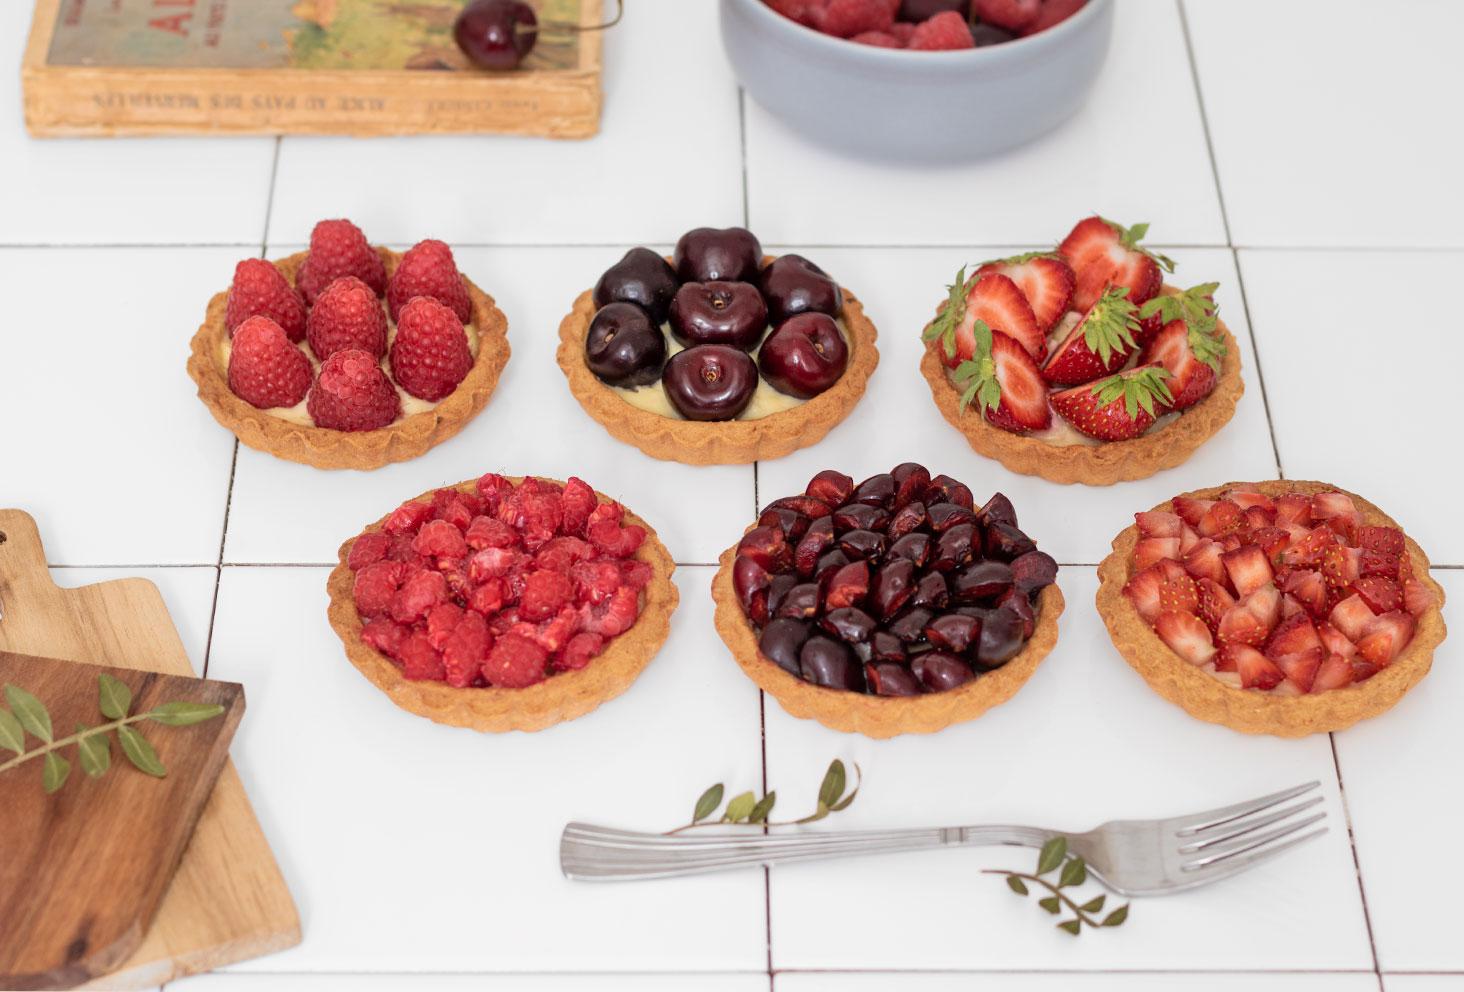 Des tartelettes aux fruits rouges posées sur un carrelage dans une cuisine